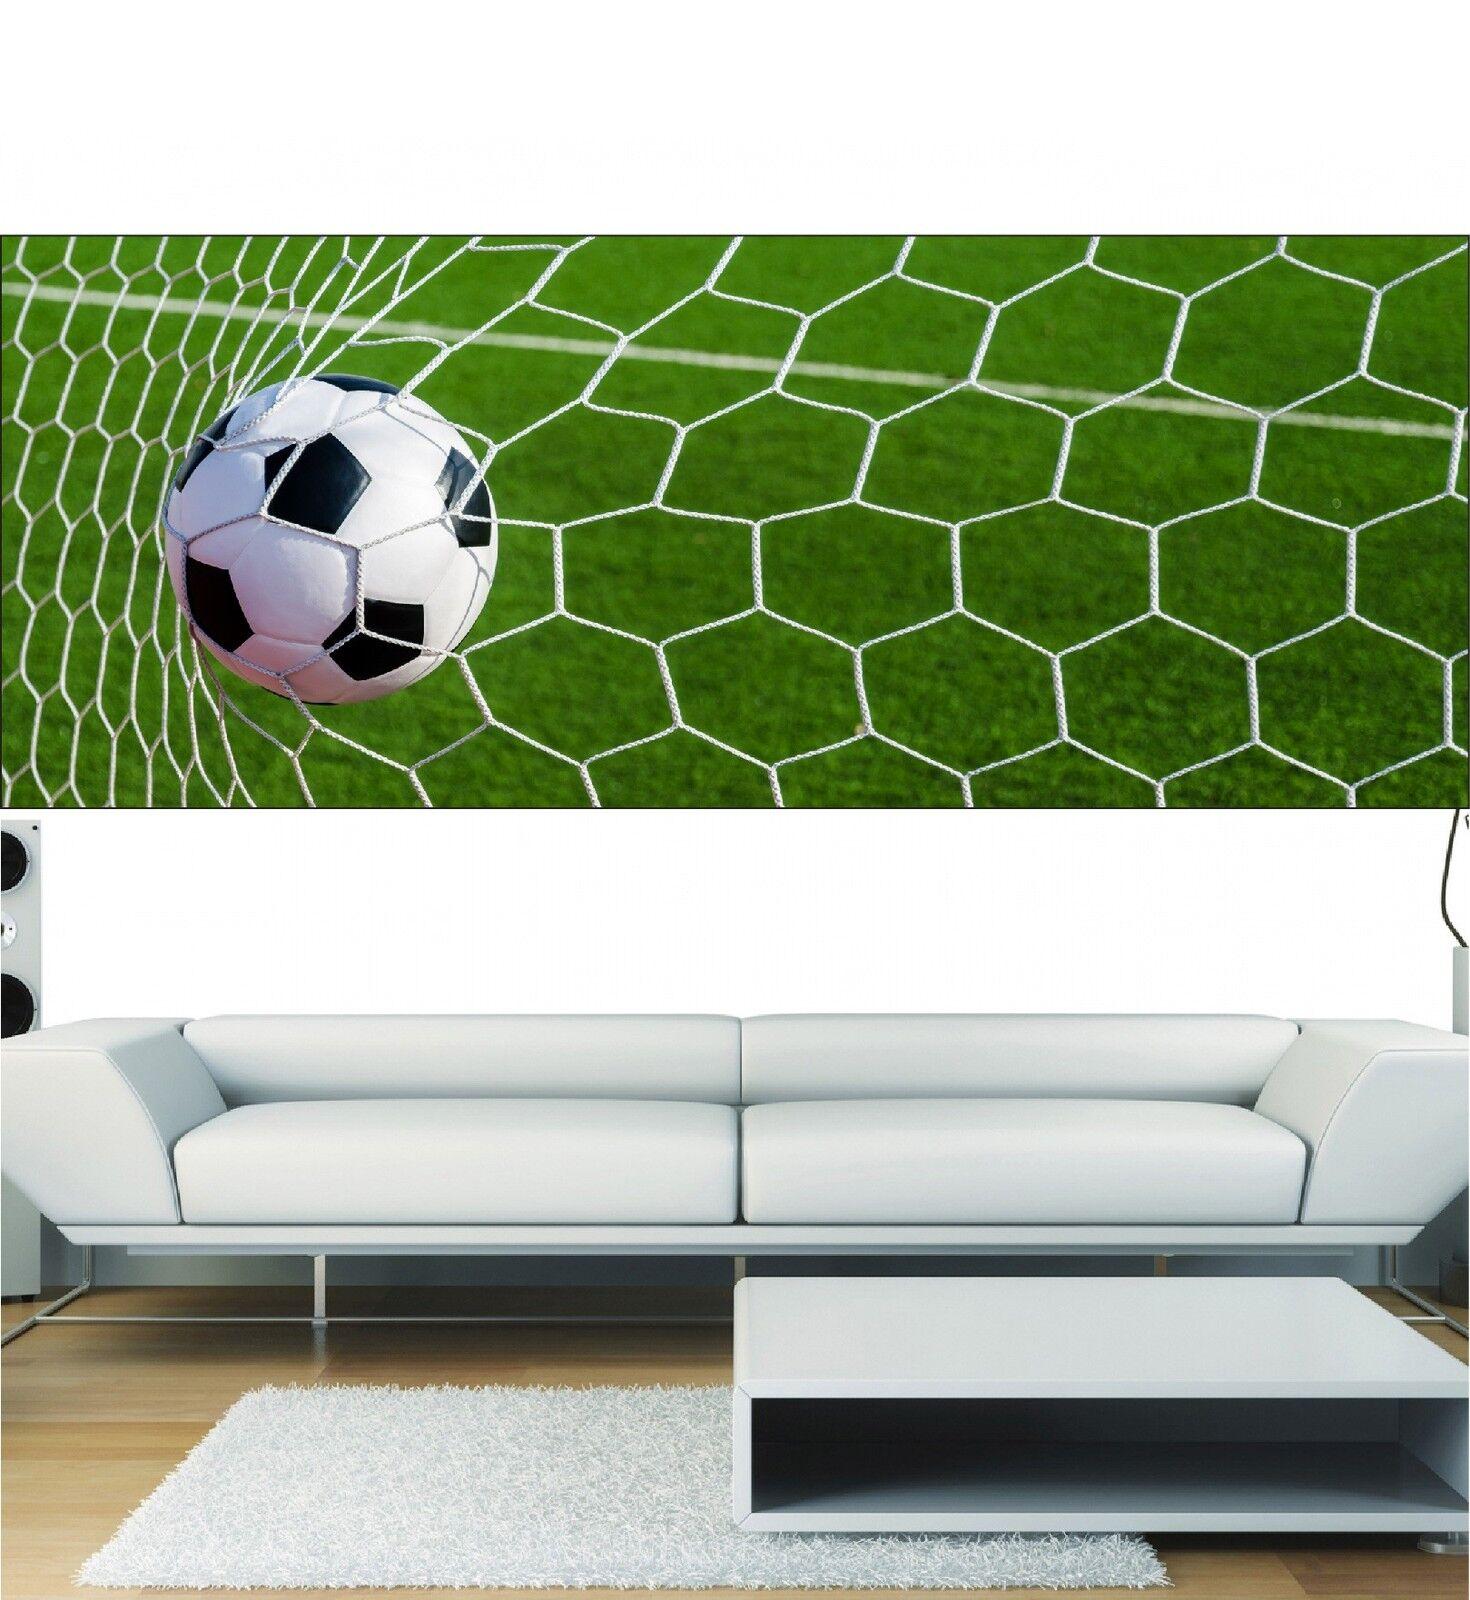 Papel pintado panorámica cage de fútbol 3694 Arte decoración Pegatinas